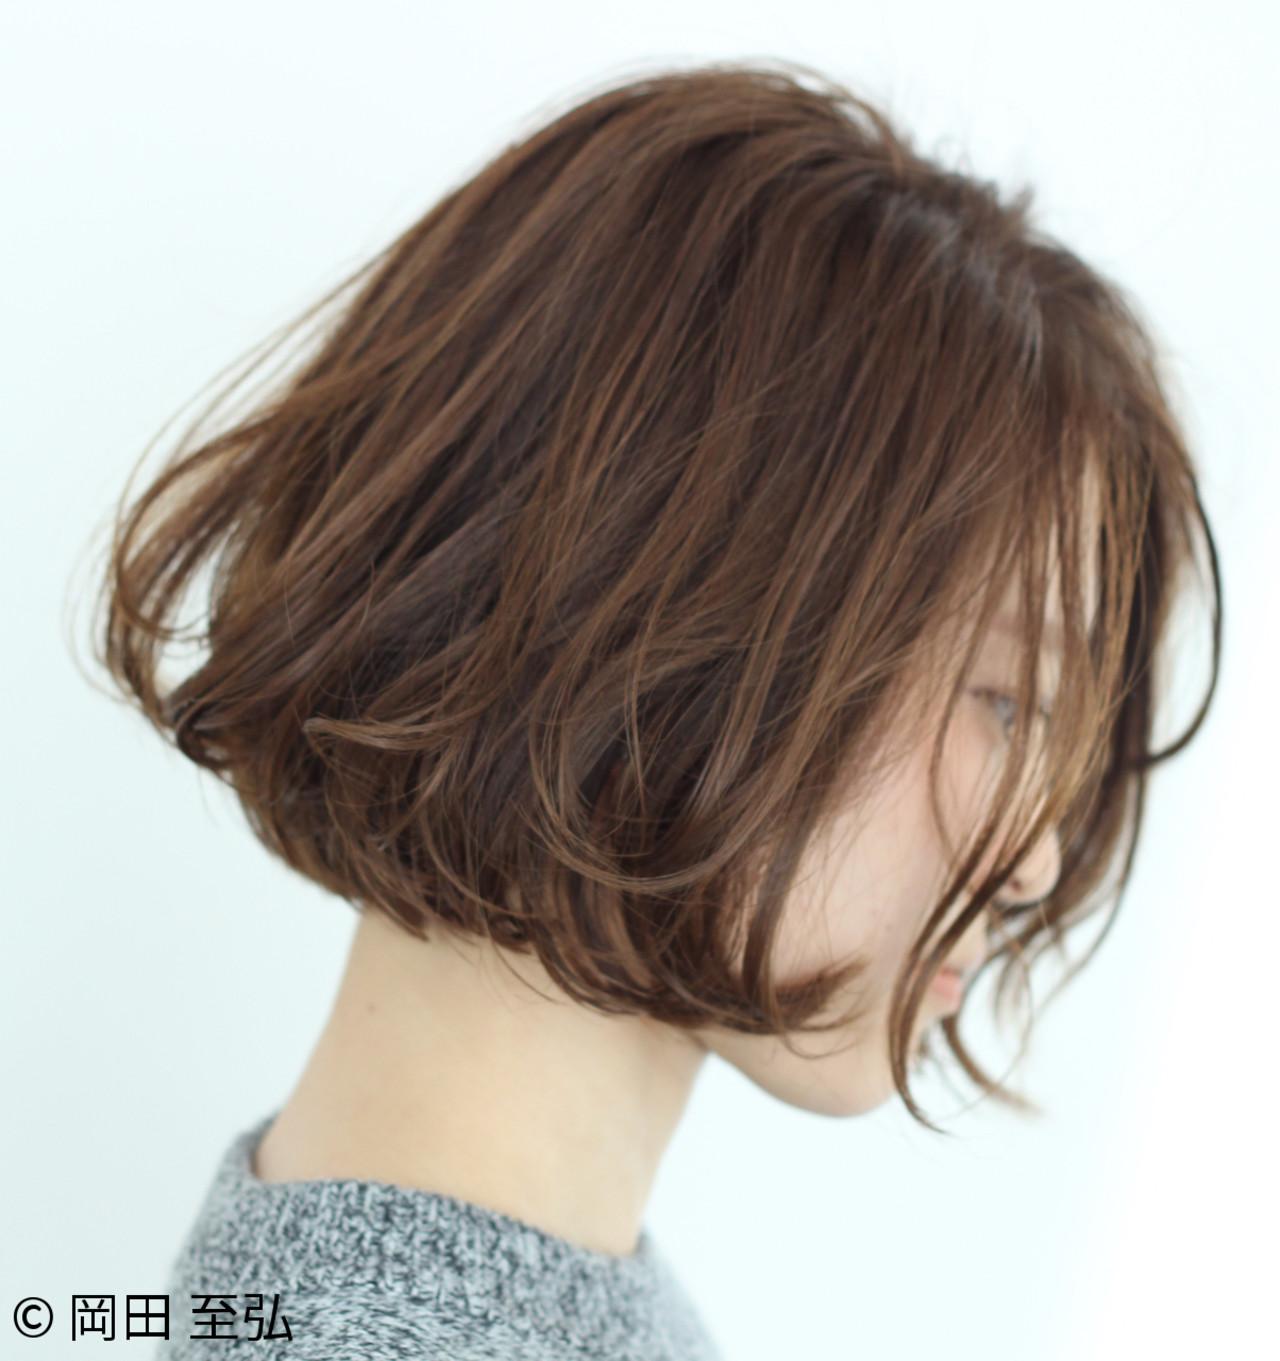 愛され女子のヘアスタイル♡みんなが選んだボブヘアTOP10! 岡田 至弘 MASHU